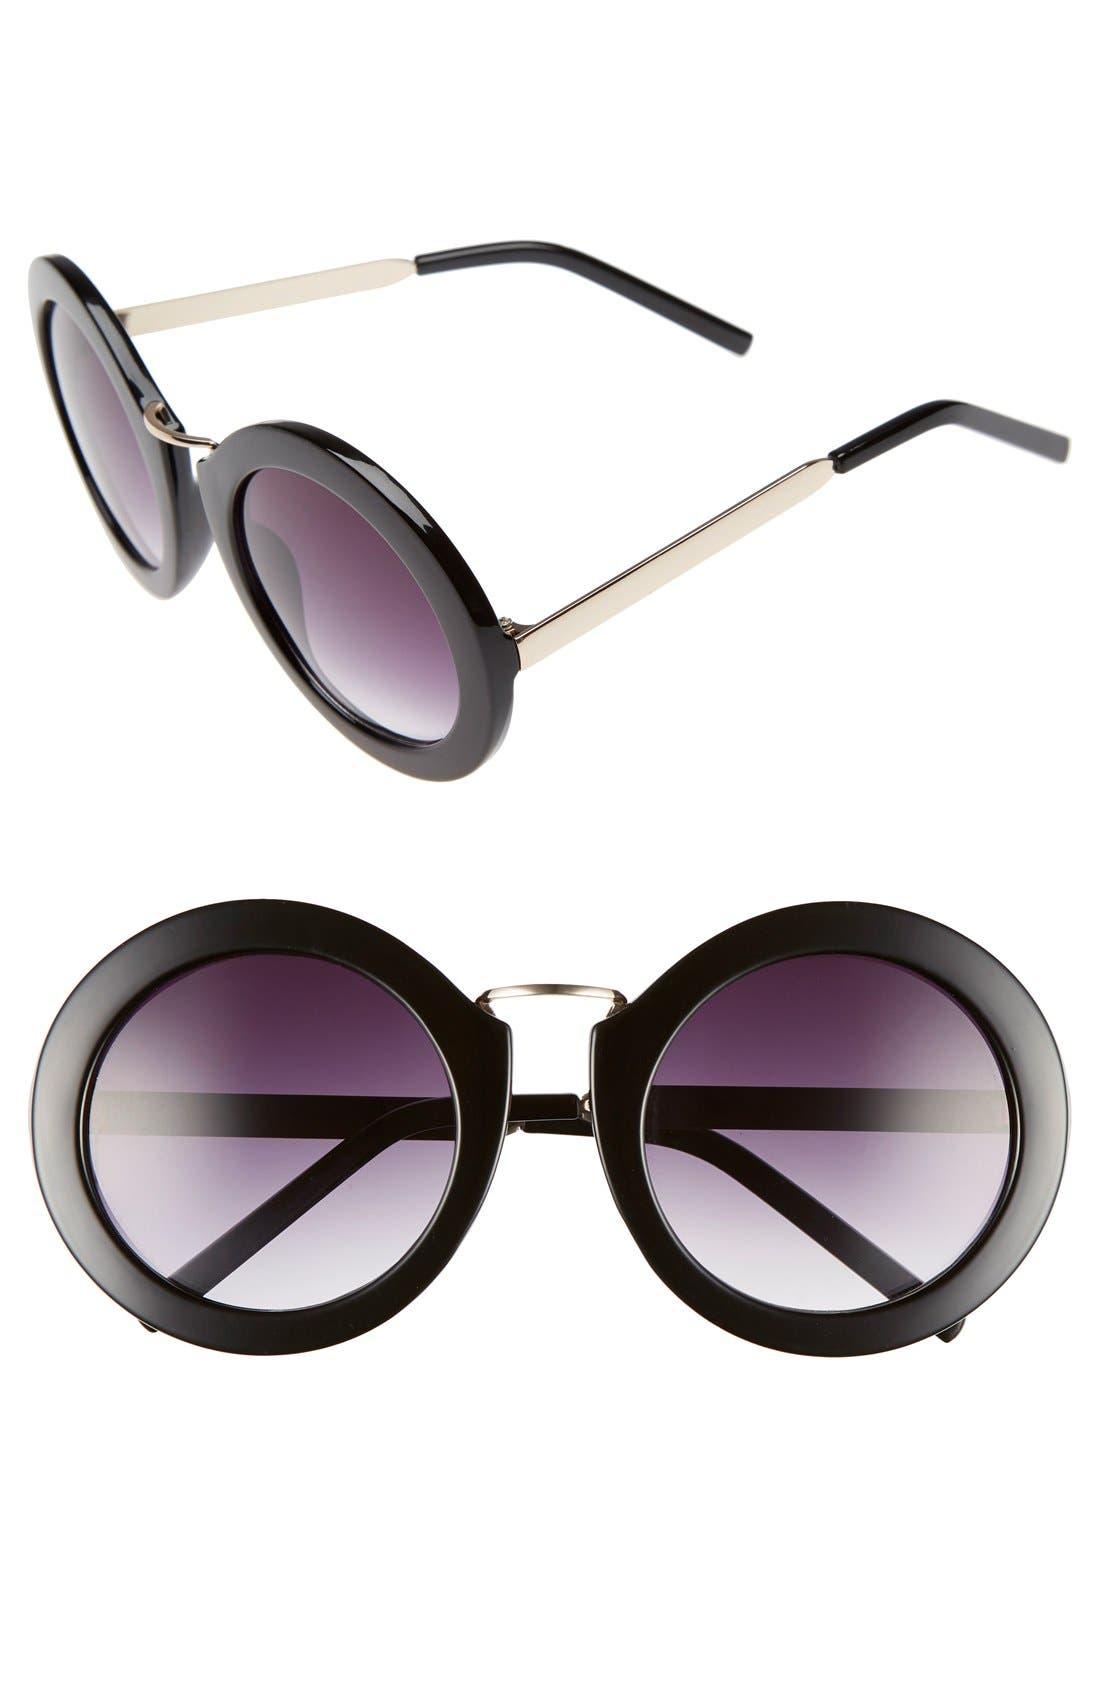 Main Image - BP. 50mm Oversize Round Sunglasses